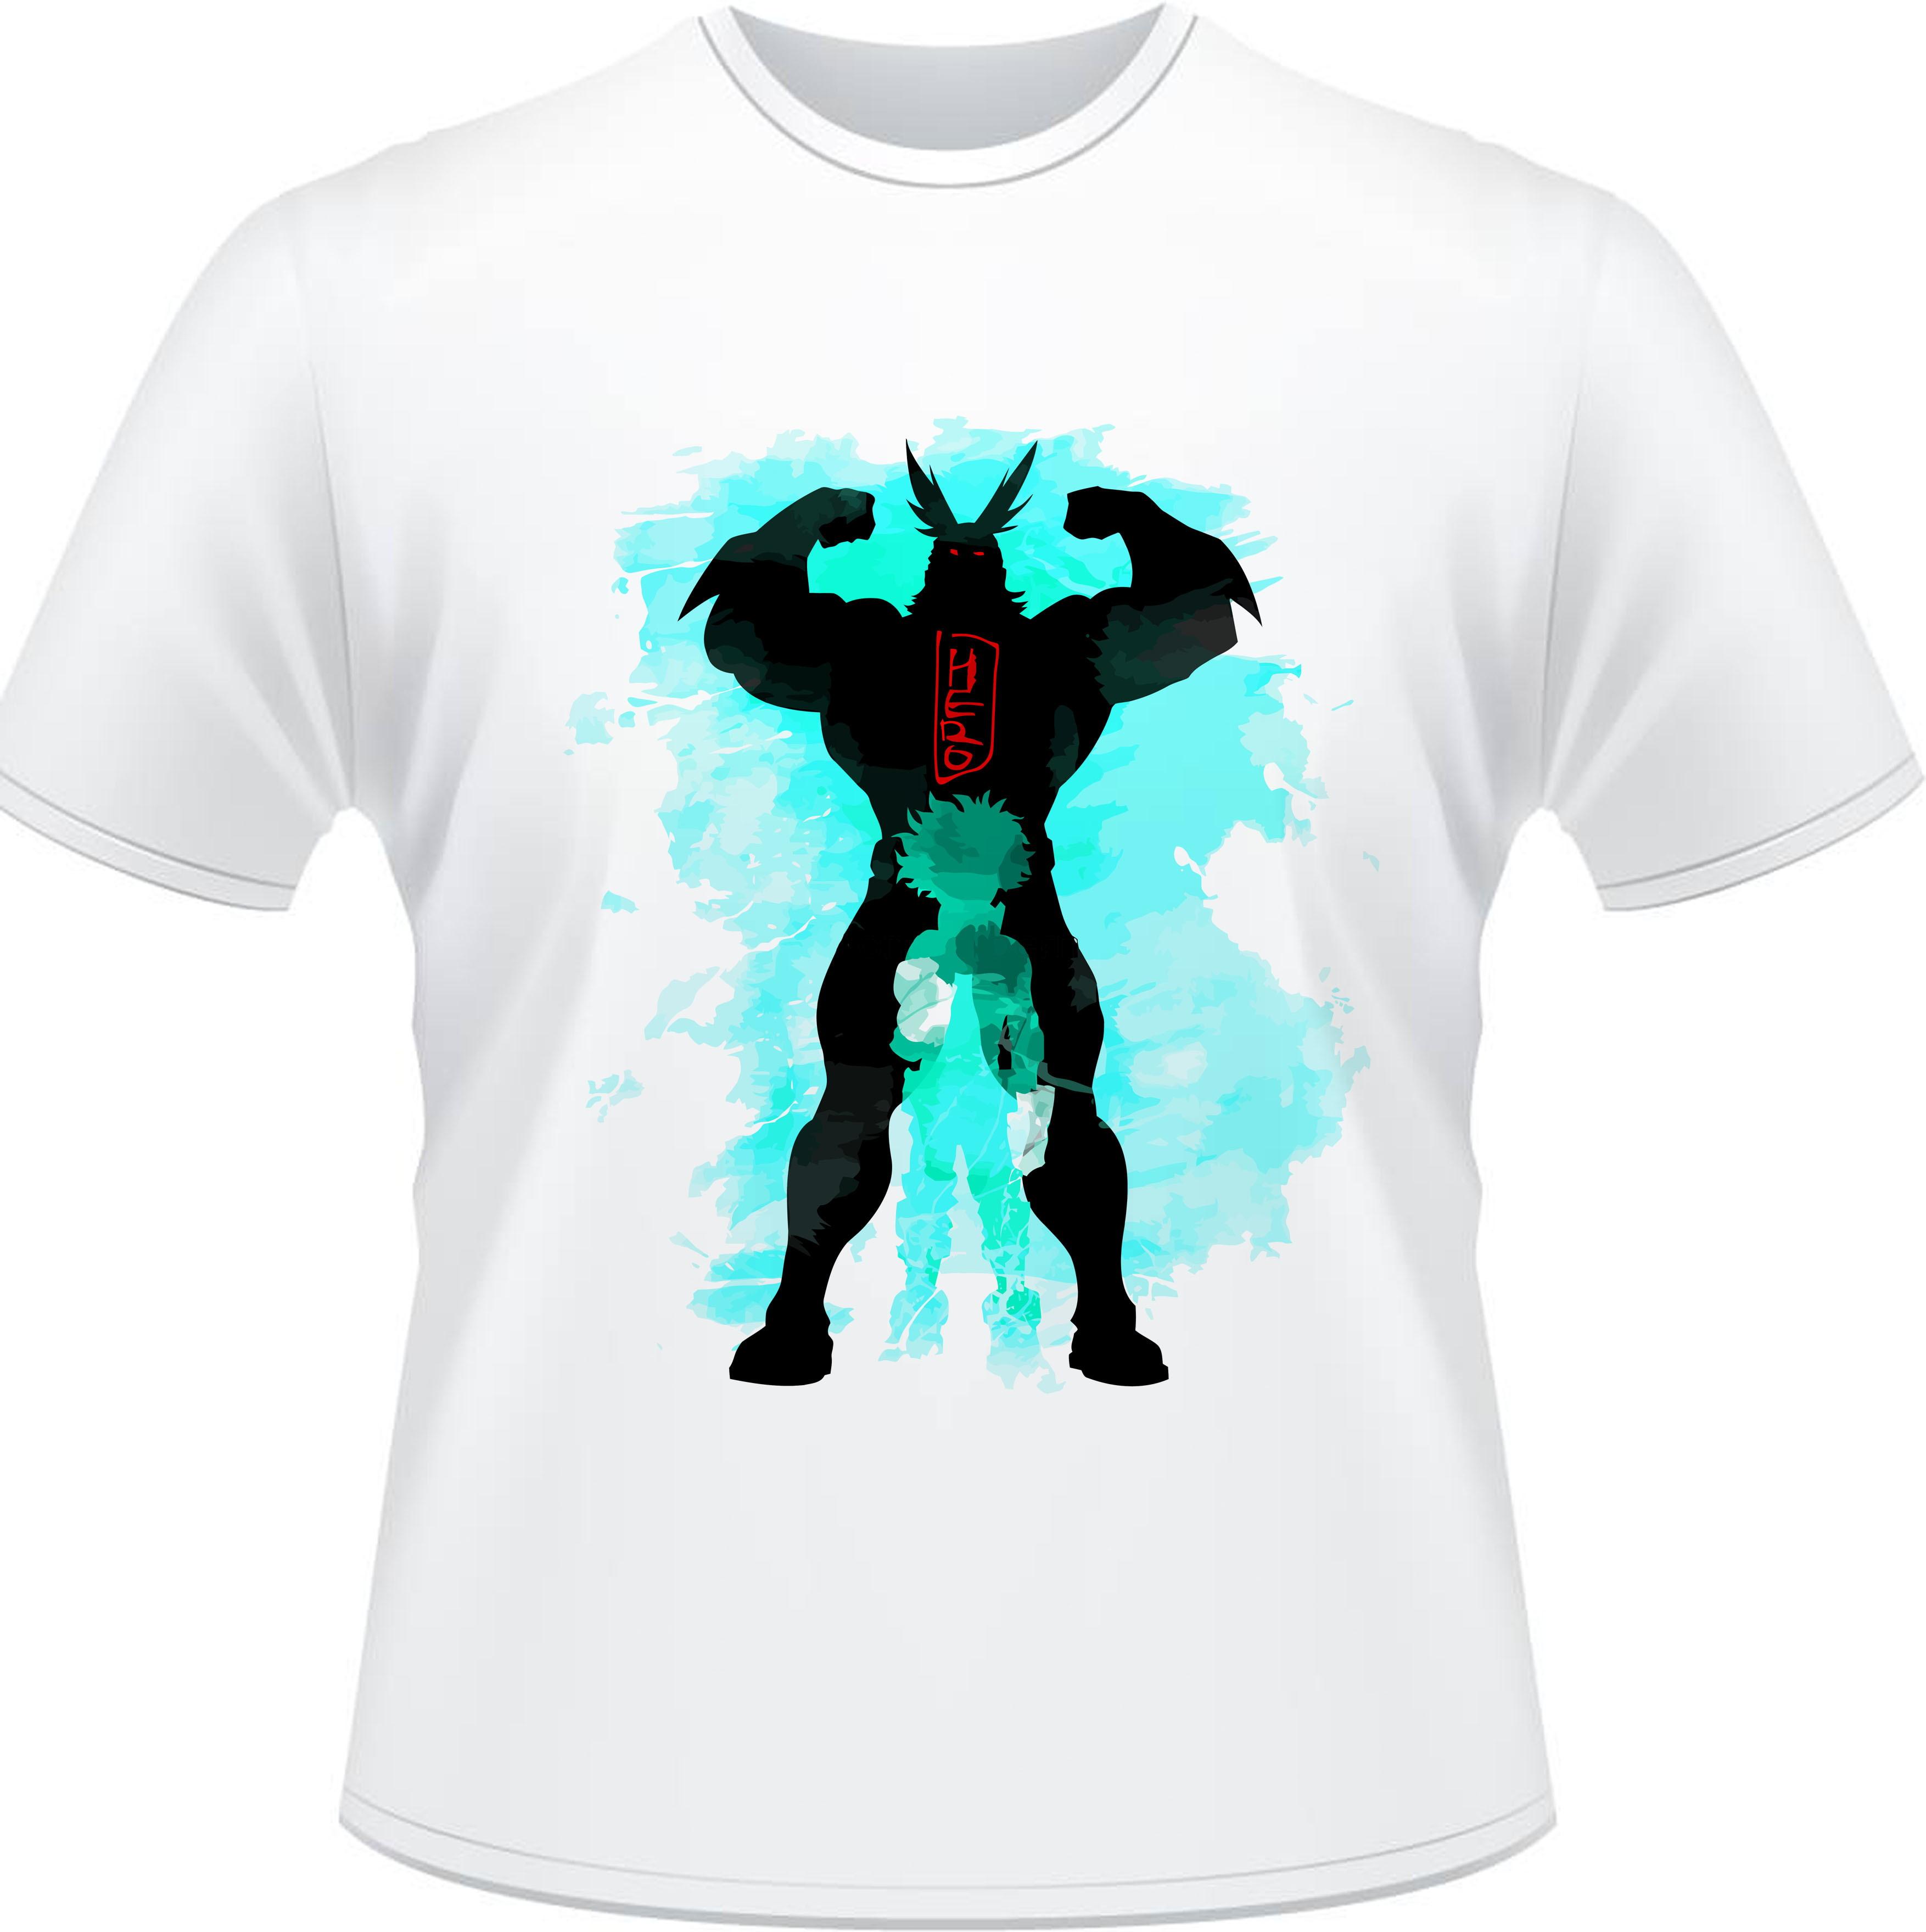 29a3c6f74b Camiseta para Fazer Academia